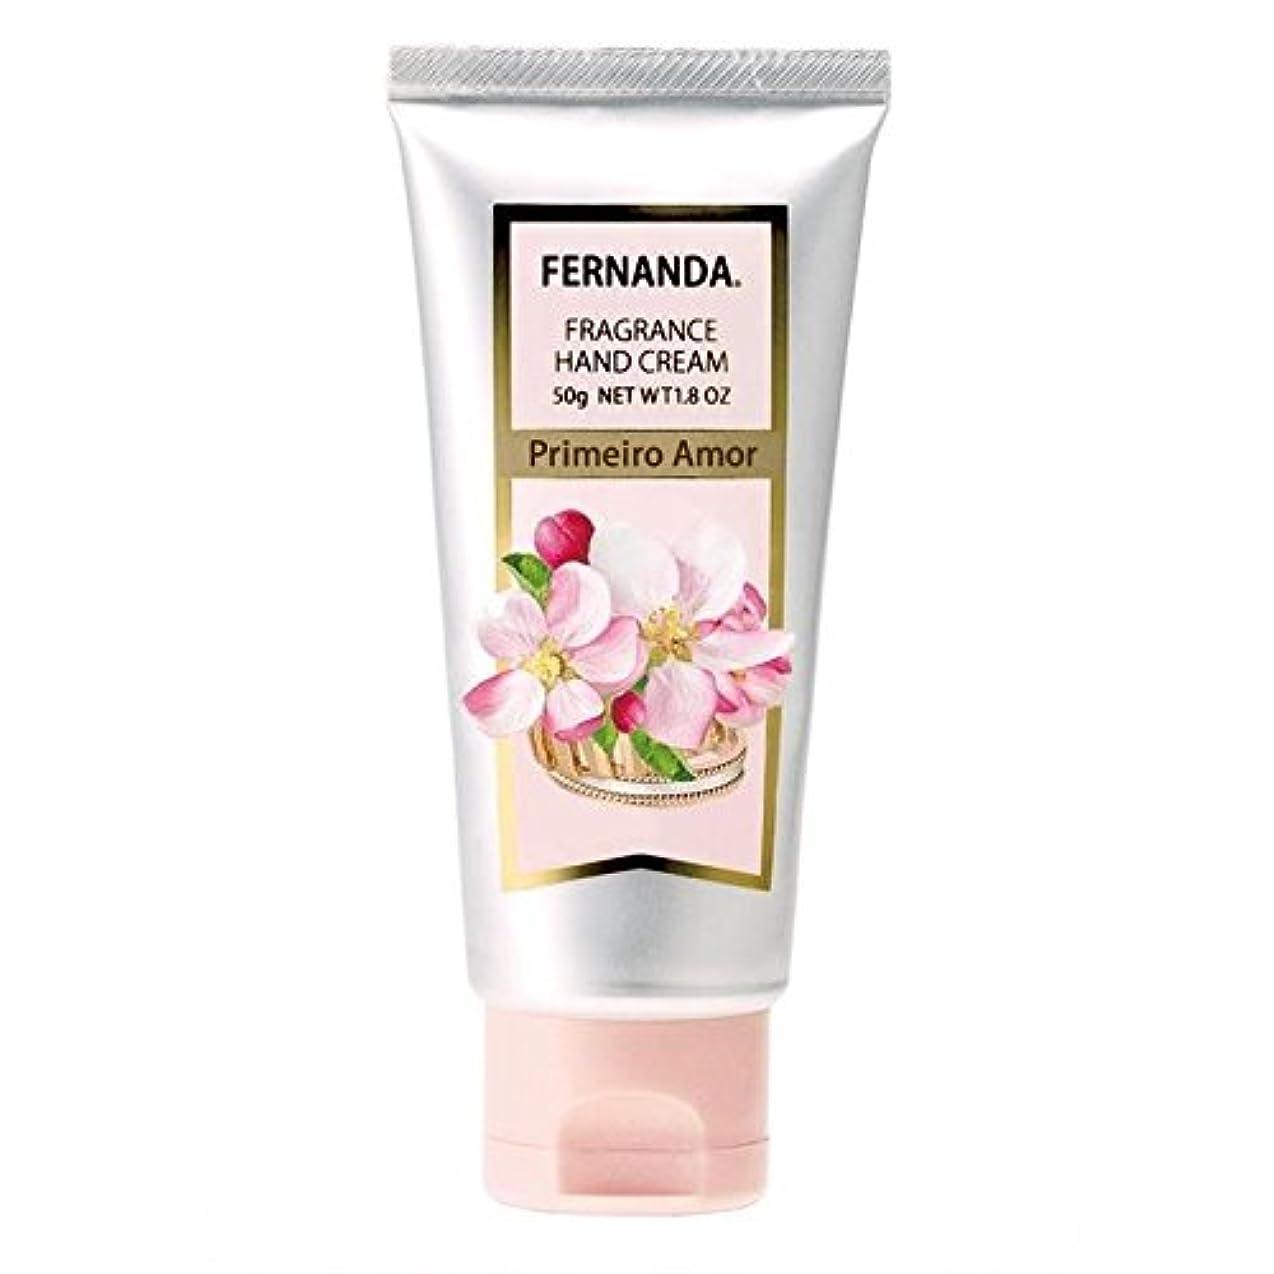 素晴らしい良い多くのサバント悲観的FERNANDA(フェルナンダ) Hand Cream Primeiro Amor(ハンドクリーム プリメイロアモール)